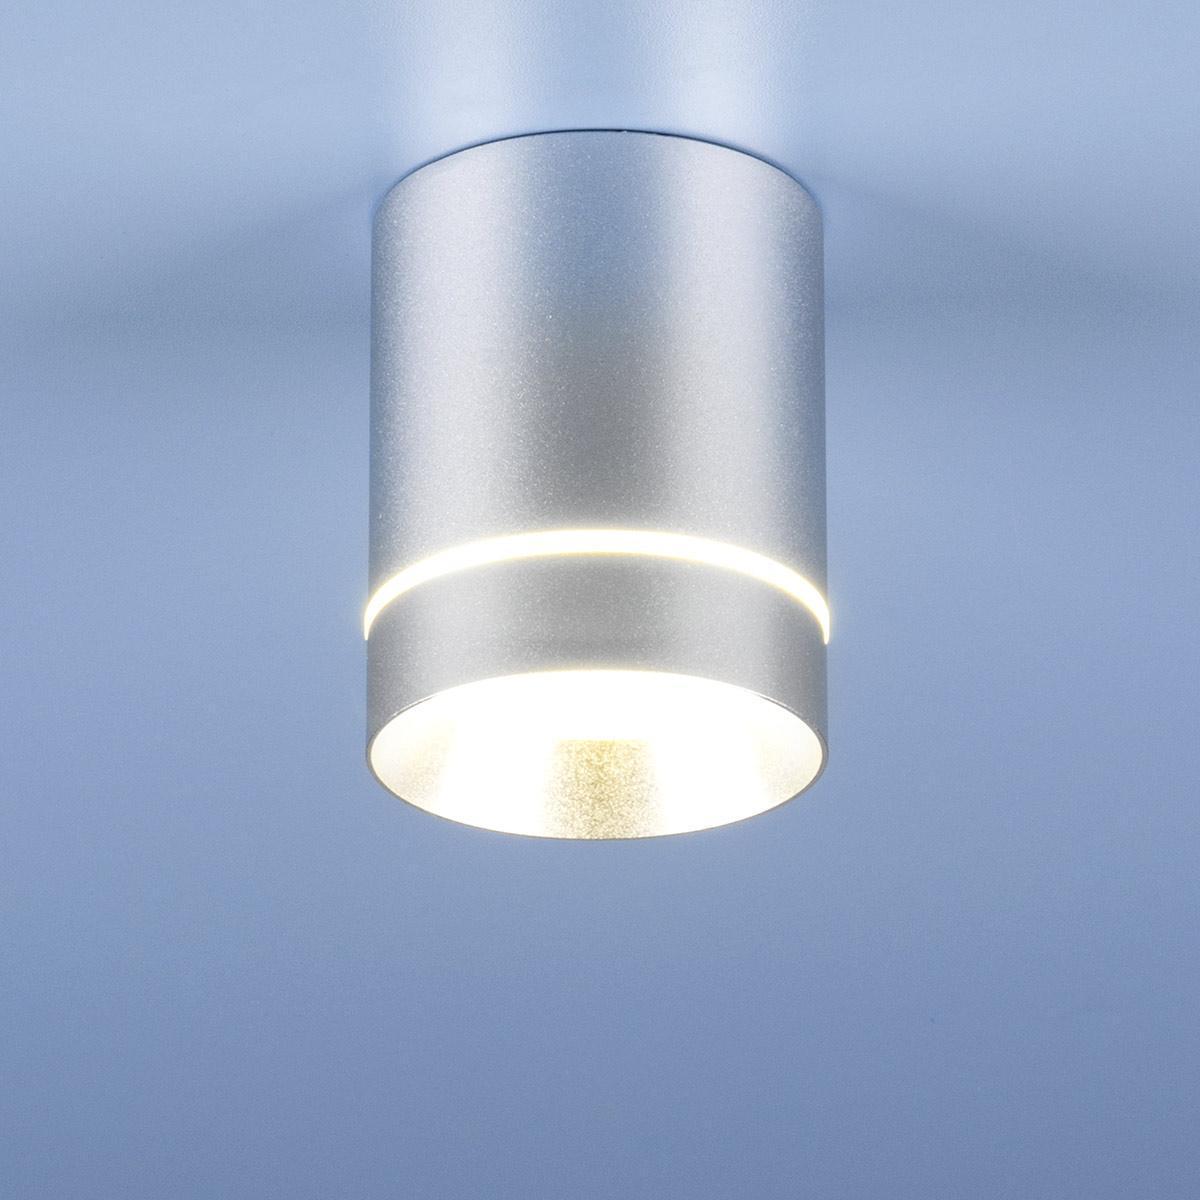 Потолочный светодиодный светильник Elektrostandard DLR021 9W 4200K хром матовый 4690389102943 трековый светодиодный светильник elektrostandard joli 9w 4200k ltb19 4690389111624